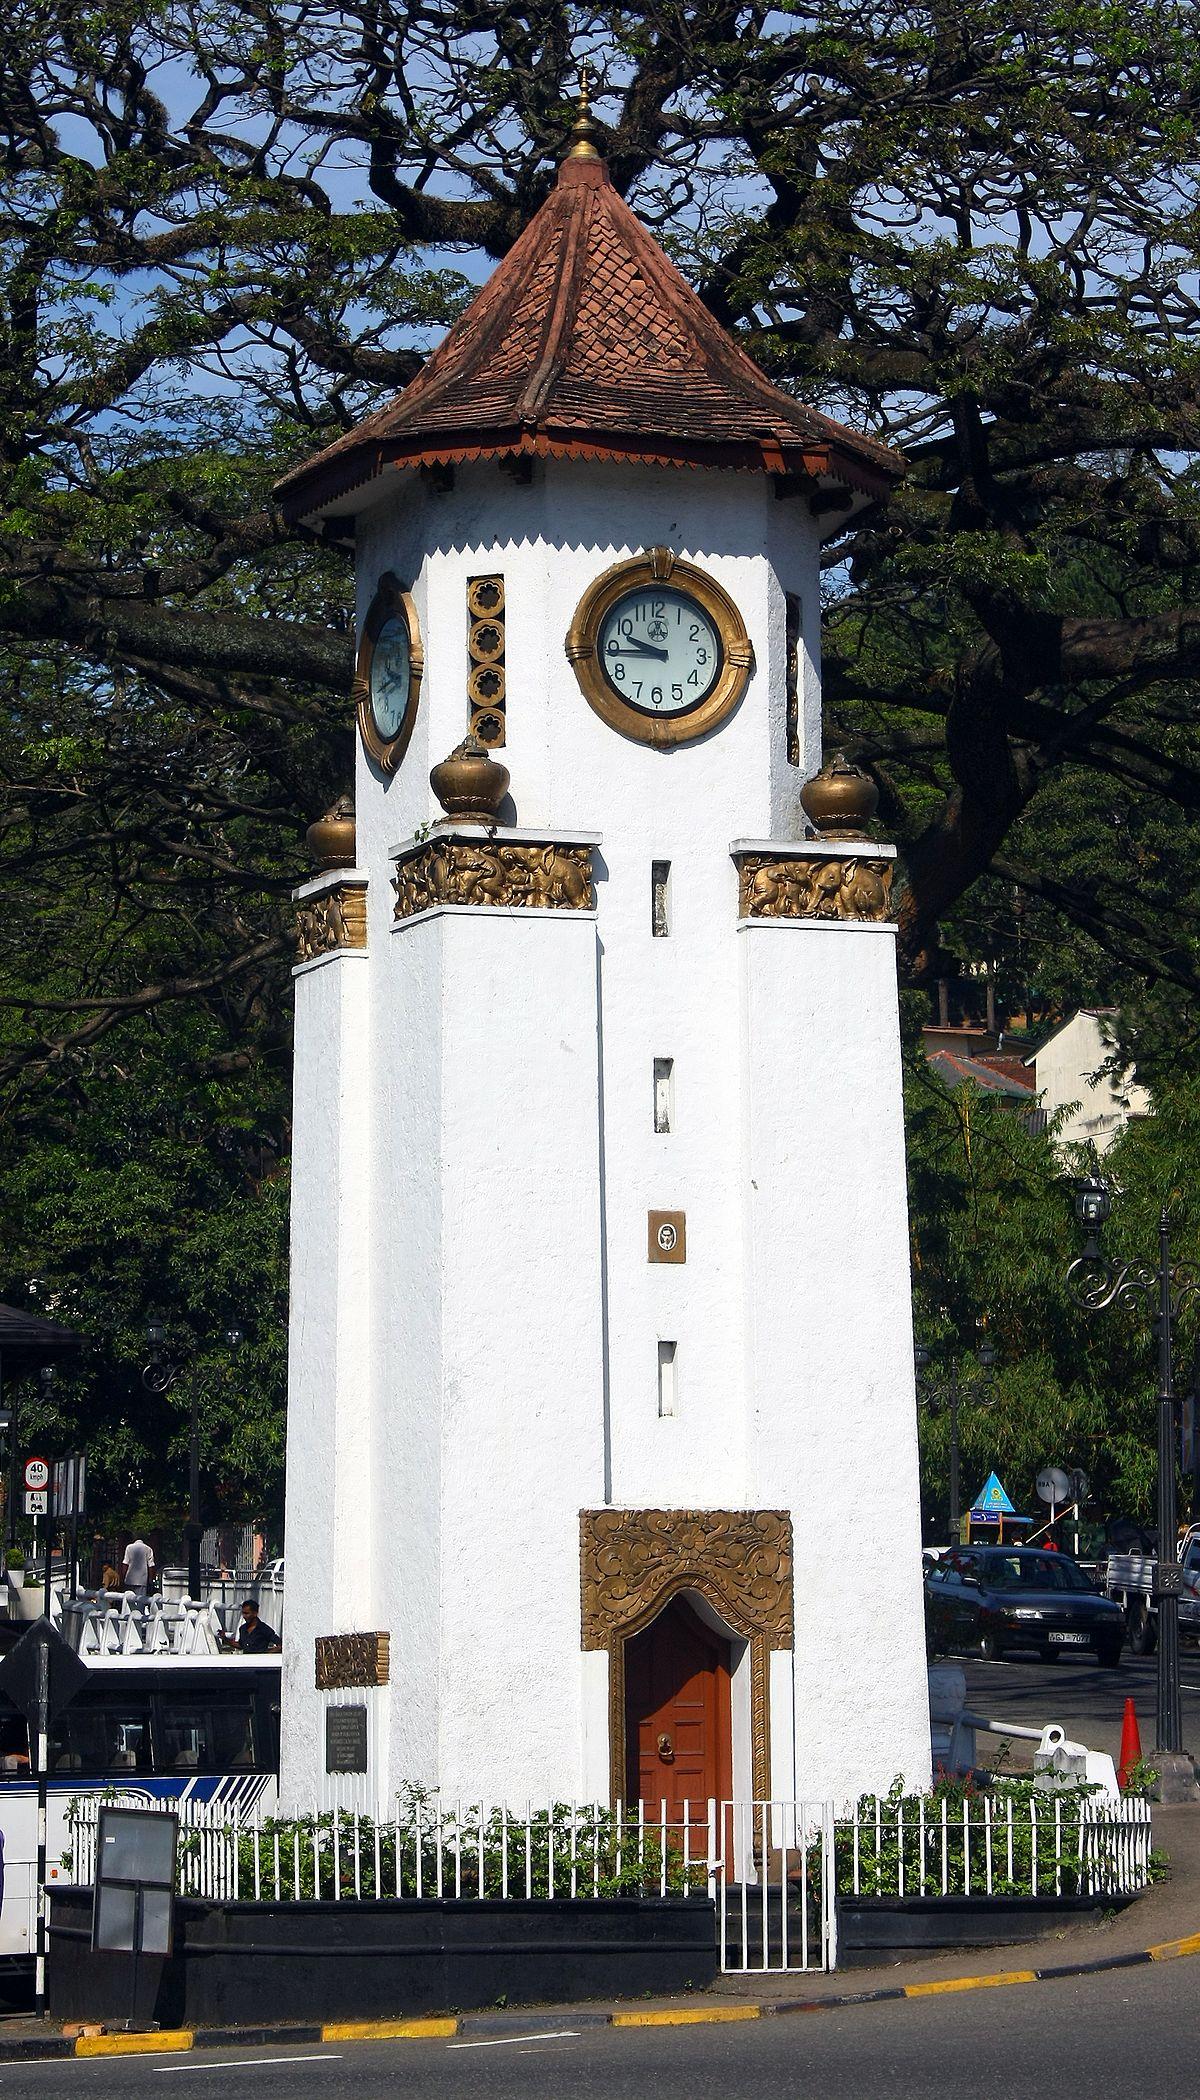 Kandy Clock Tower Wikipedia